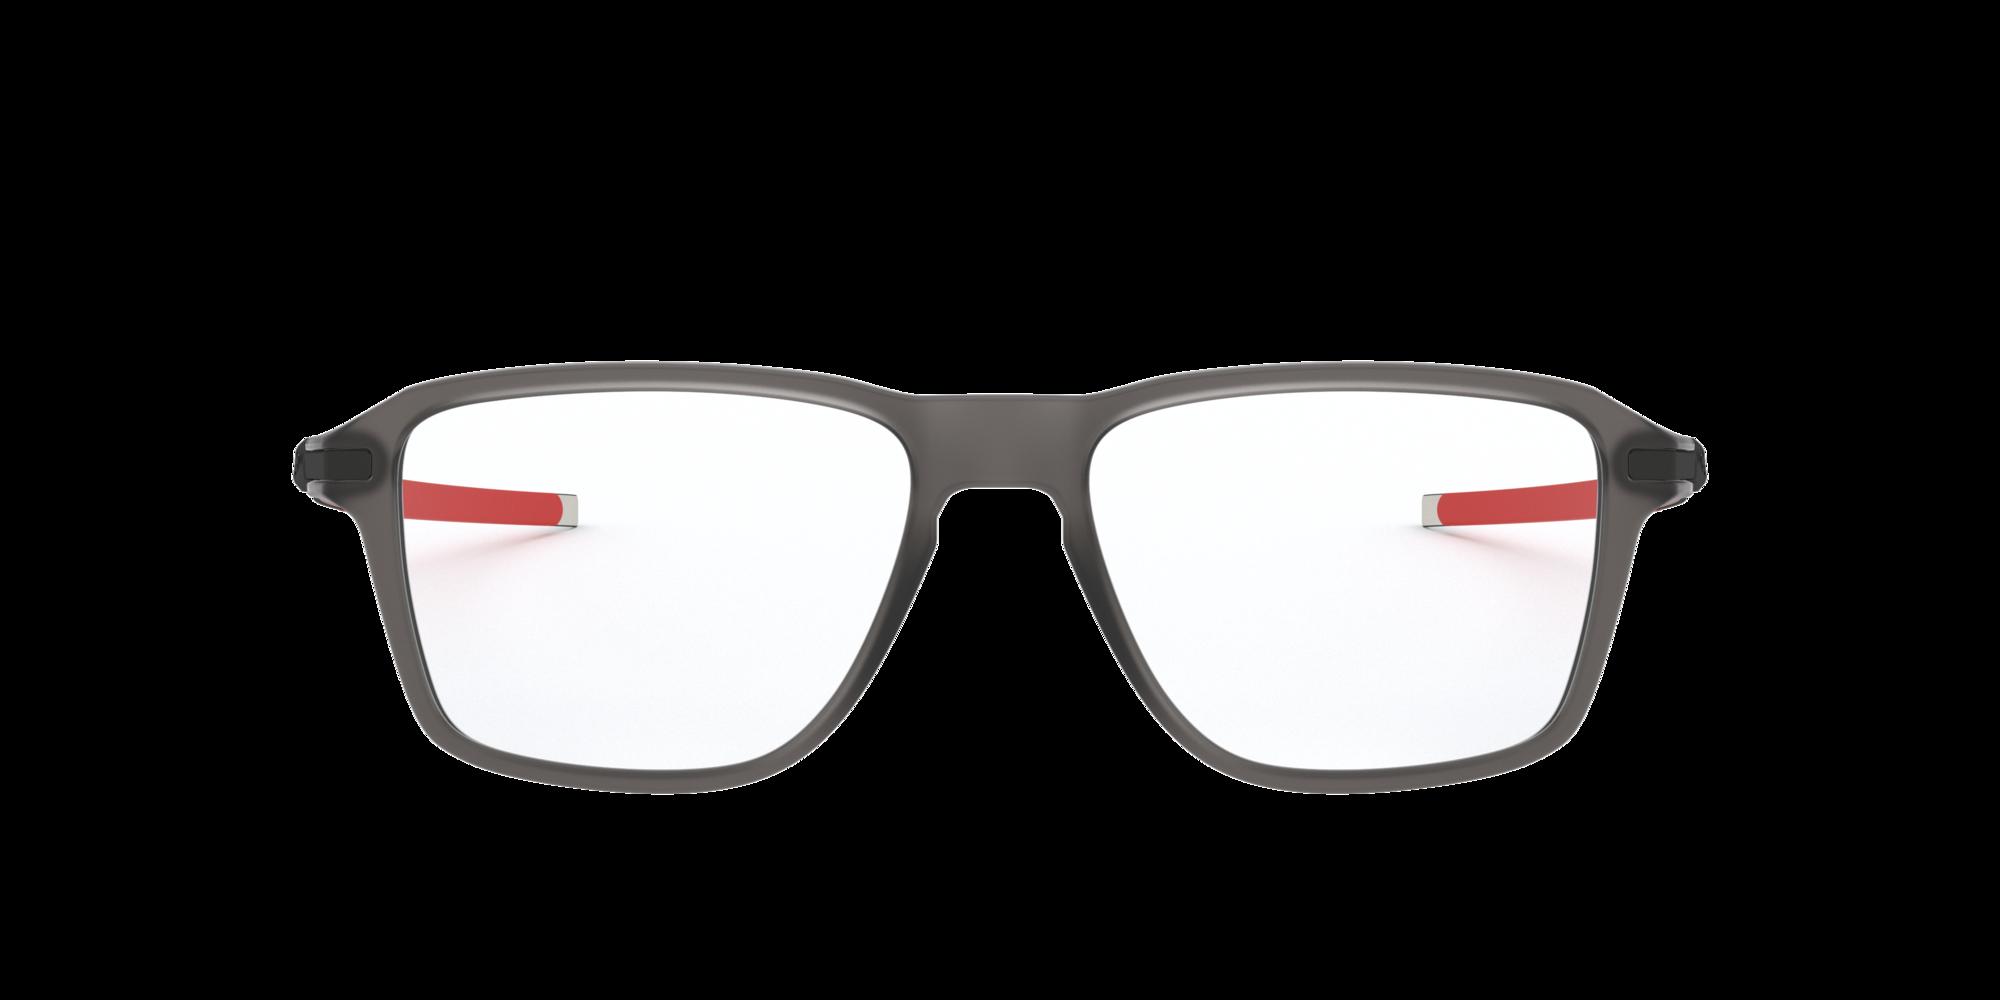 Imagen para OX8166 WHEEL HOUSE de LensCrafters |  Espejuelos, espejuelos graduados en línea, gafas